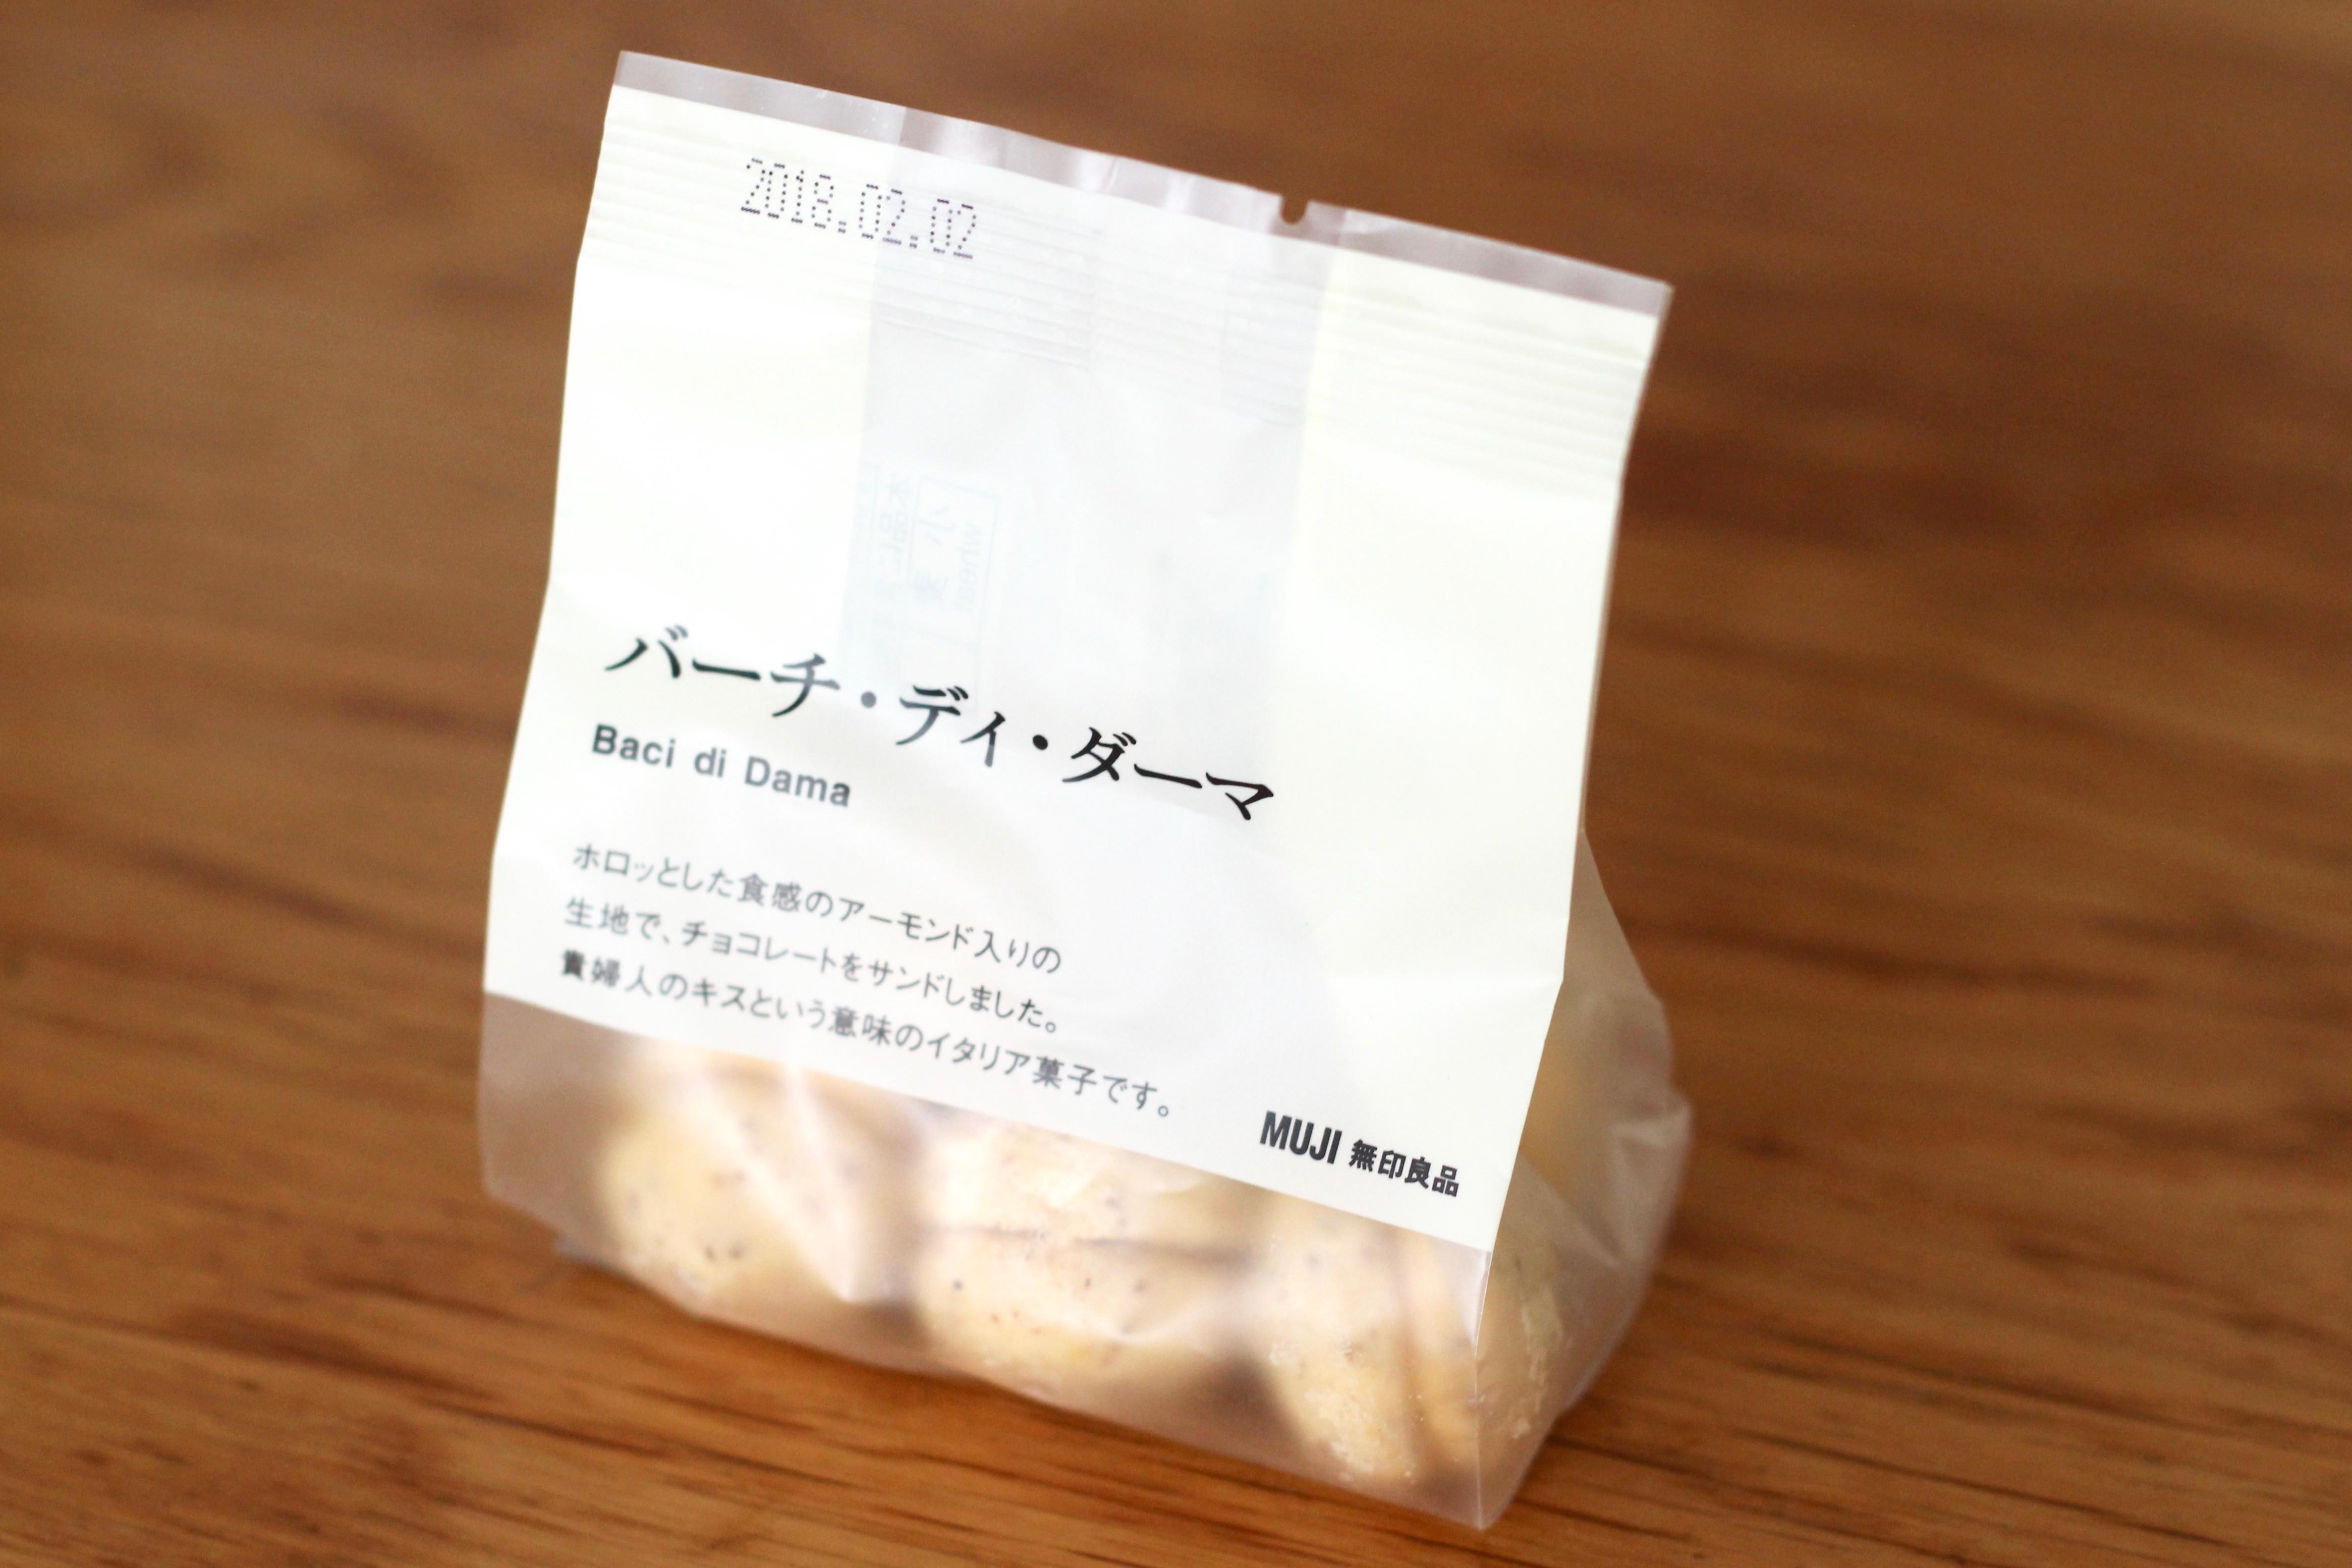 貴婦人のキス「バーチ・ディ・ダーマ」はイタリアの美味しい焼き菓子です | sallysbook - 楽天ブログ